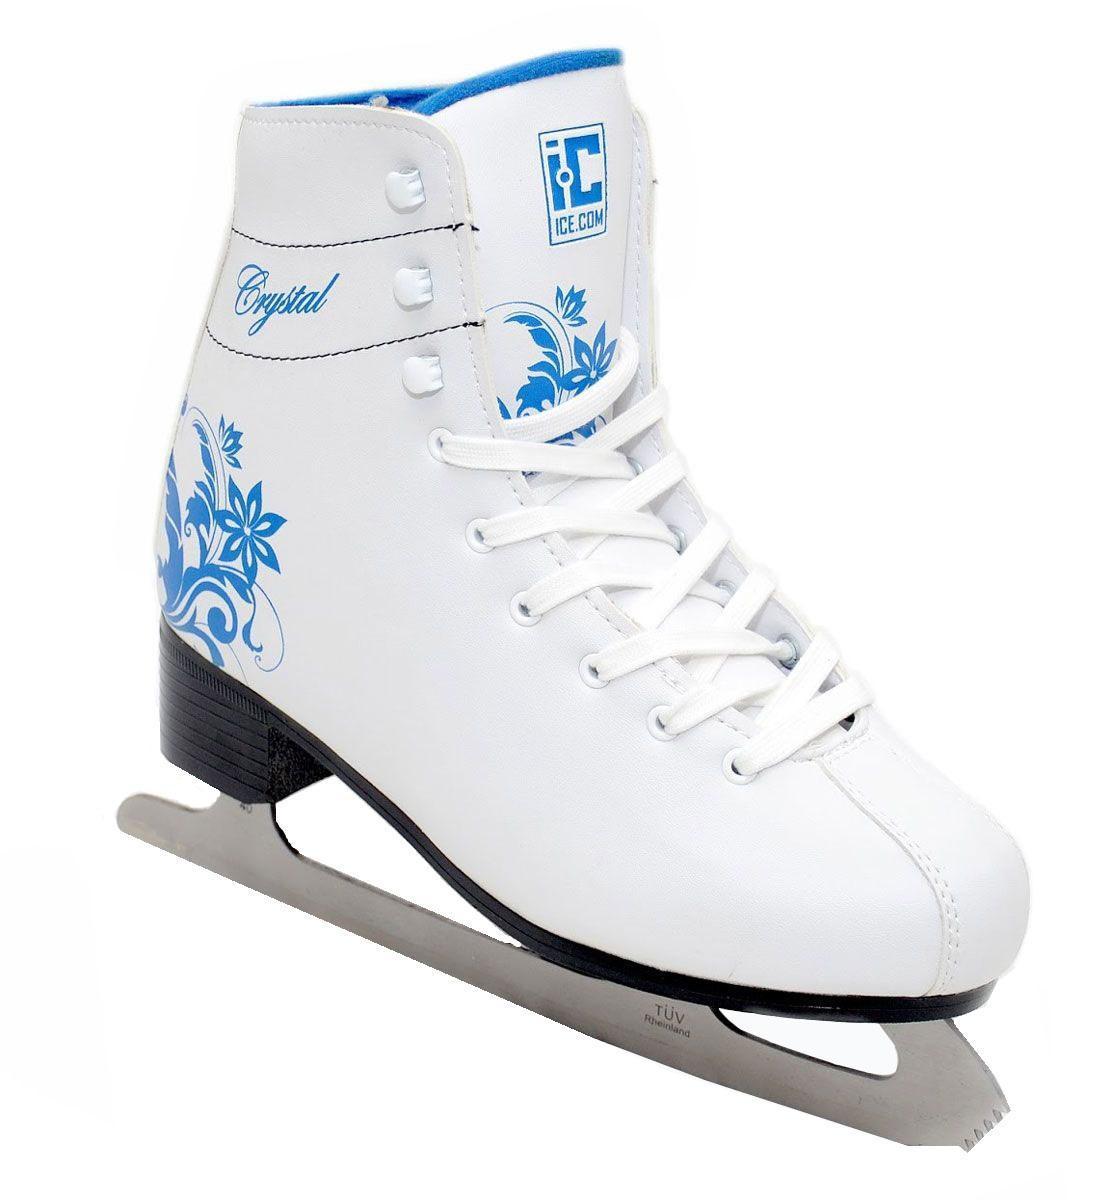 Коньки фигурные женские Ice.Com Crystal, цвет: синий, белый. Размер 42